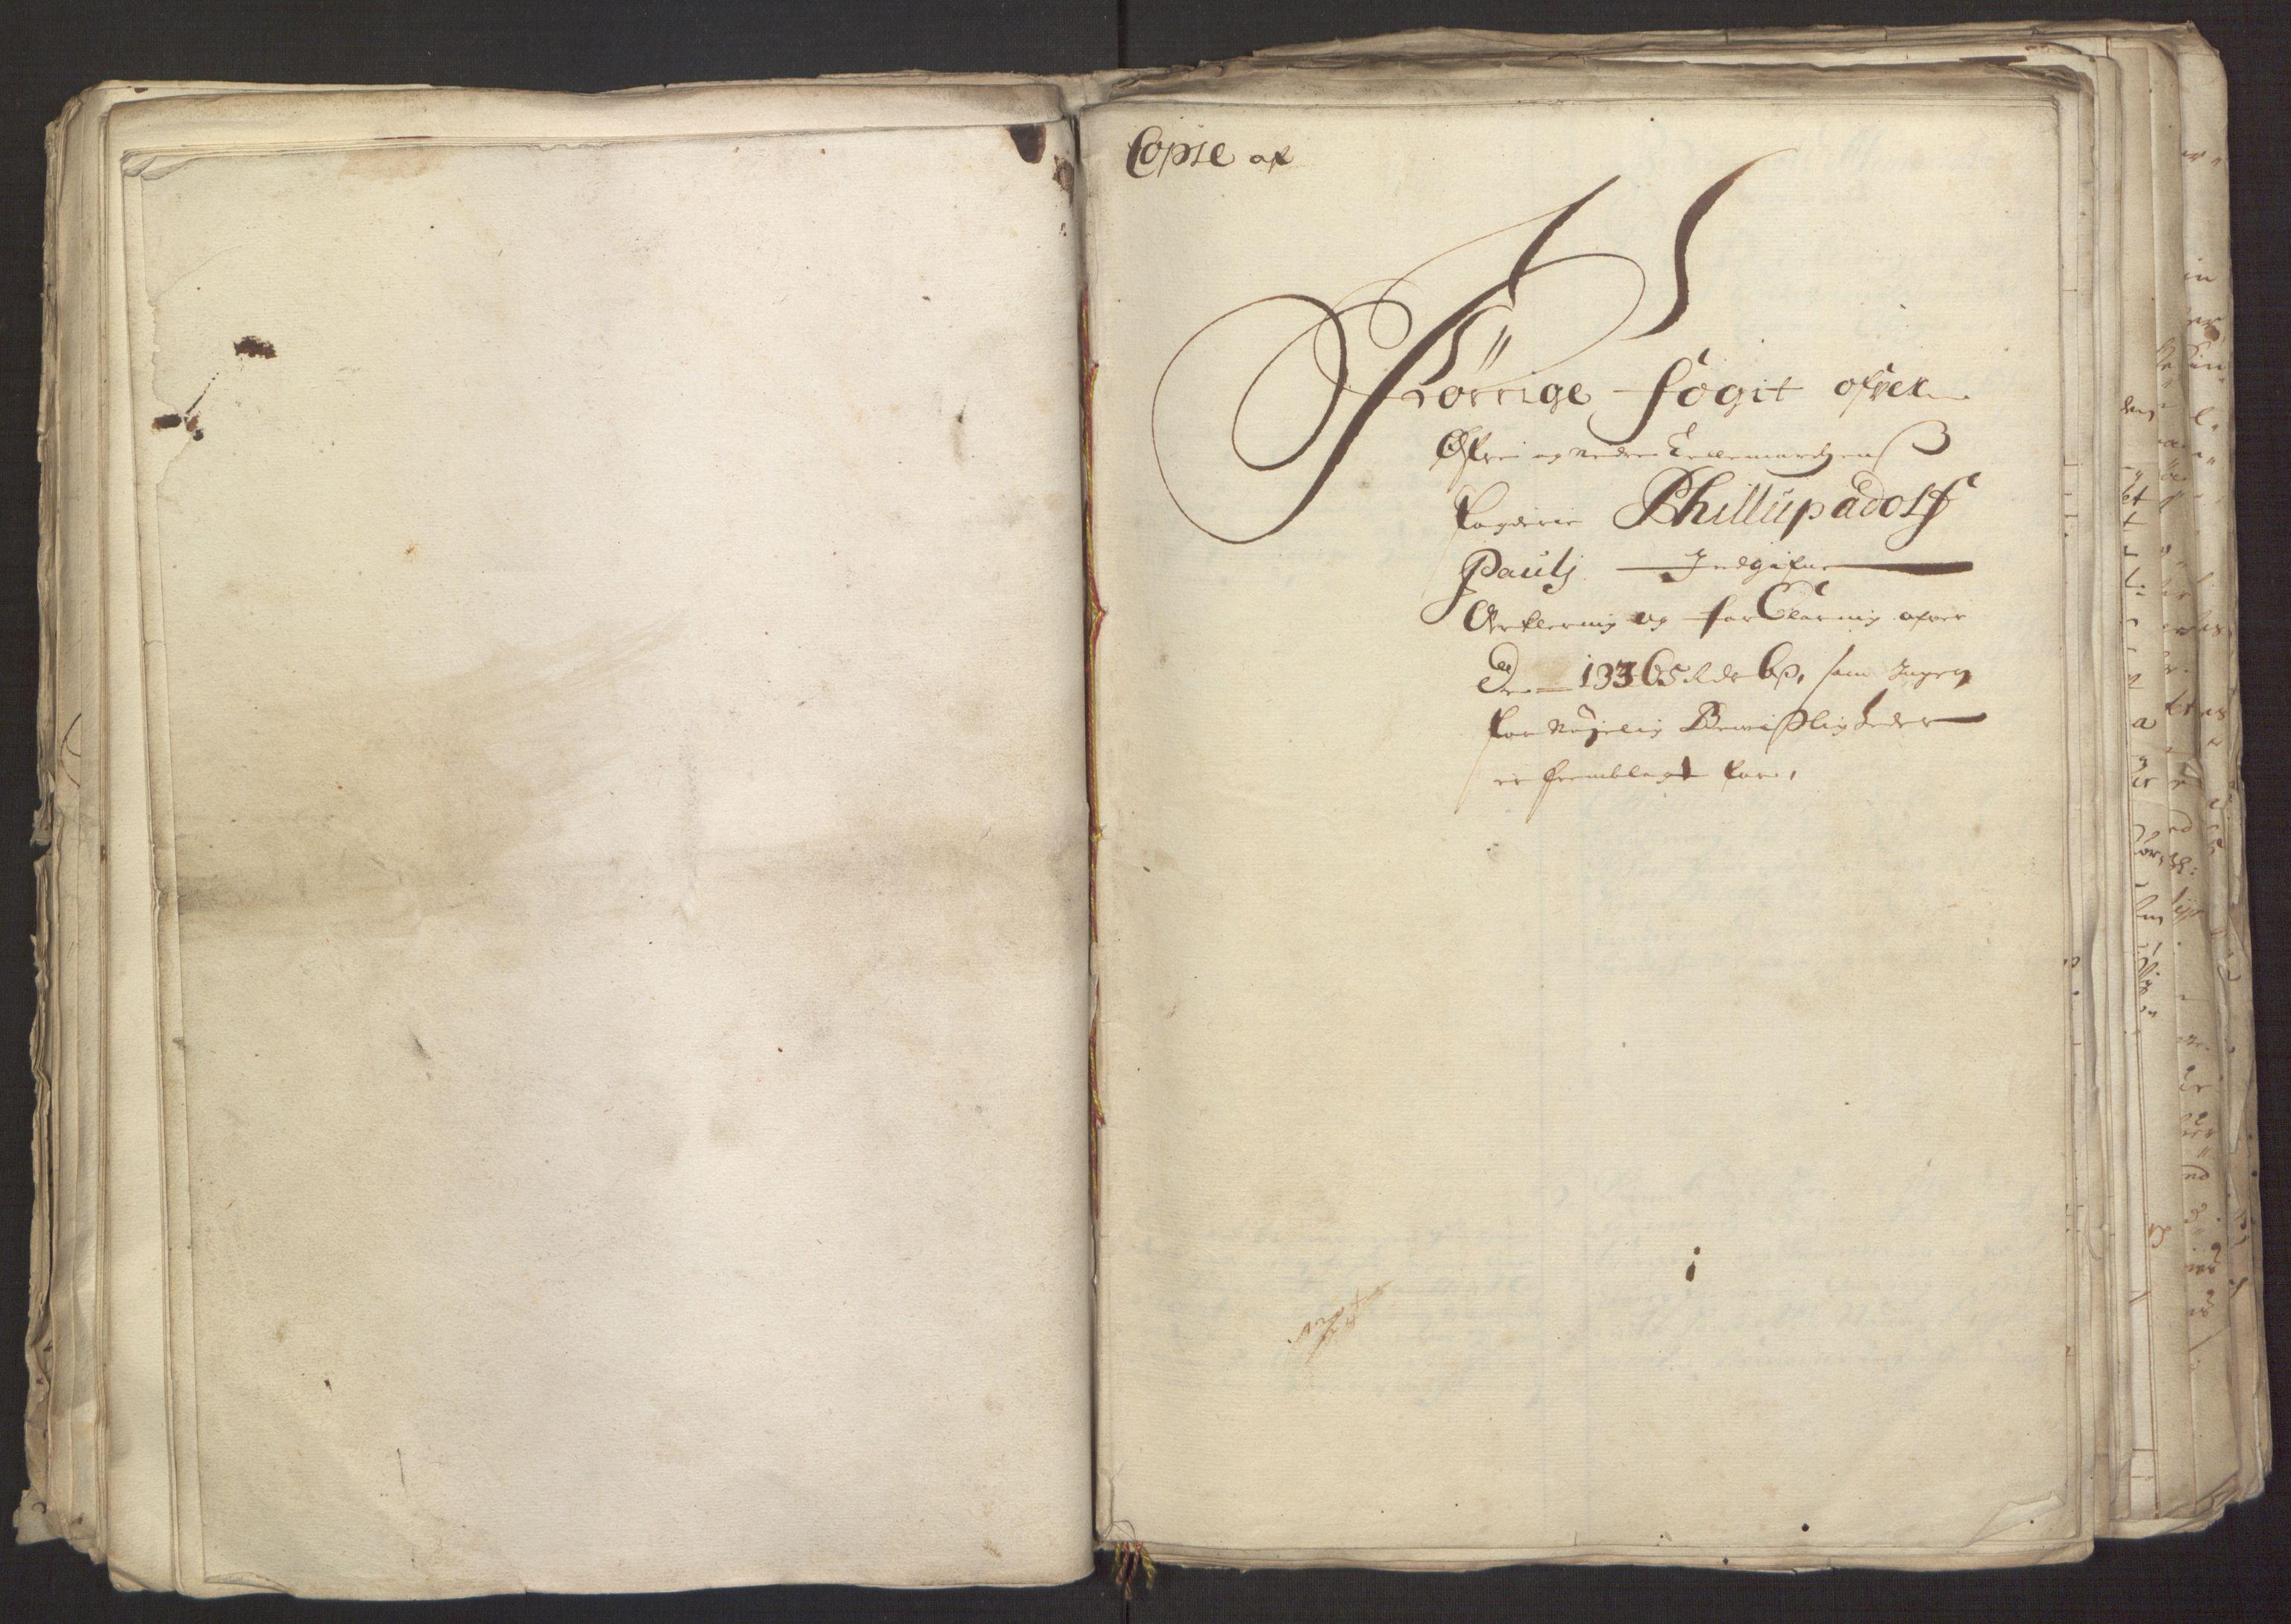 RA, Rentekammeret inntil 1814, Reviderte regnskaper, Fogderegnskap, R35/L2062: Fogderegnskap Øvre og Nedre Telemark, 1674, s. 52